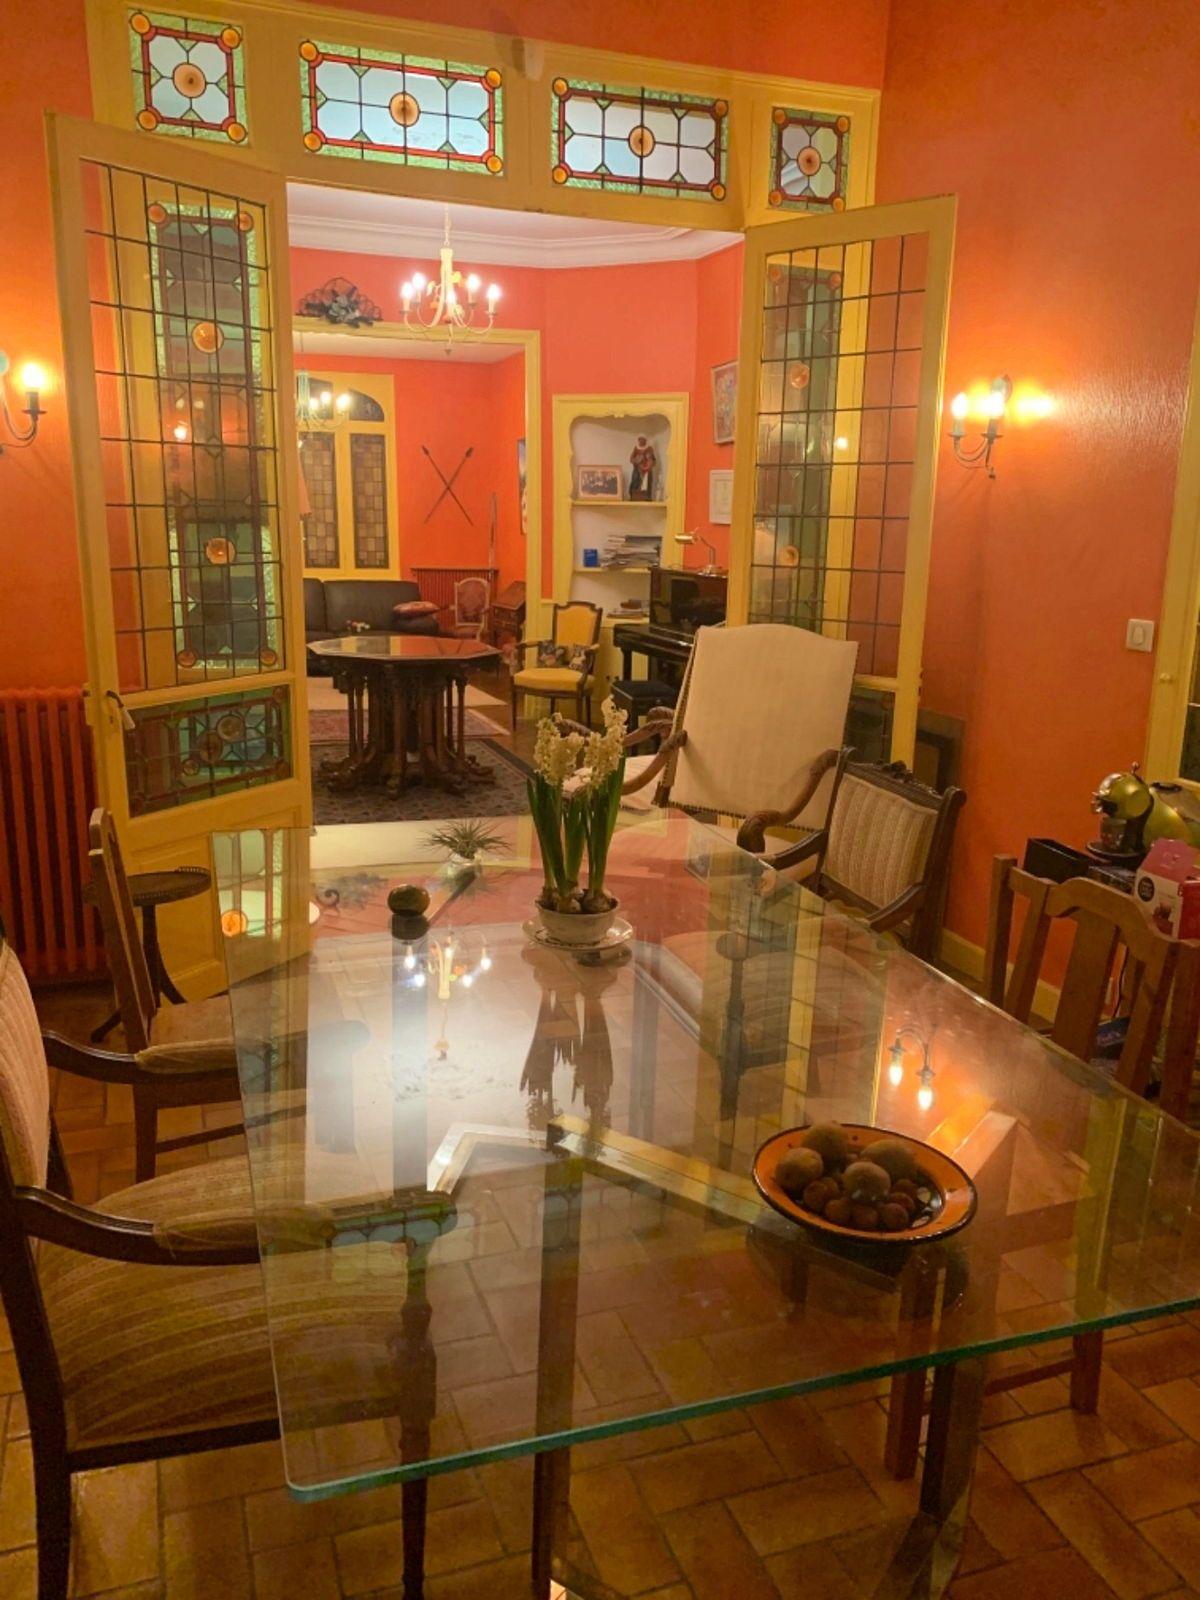 Vends maison fin XIX siècle - 4chambres 192m² - Amiens Gare (80)